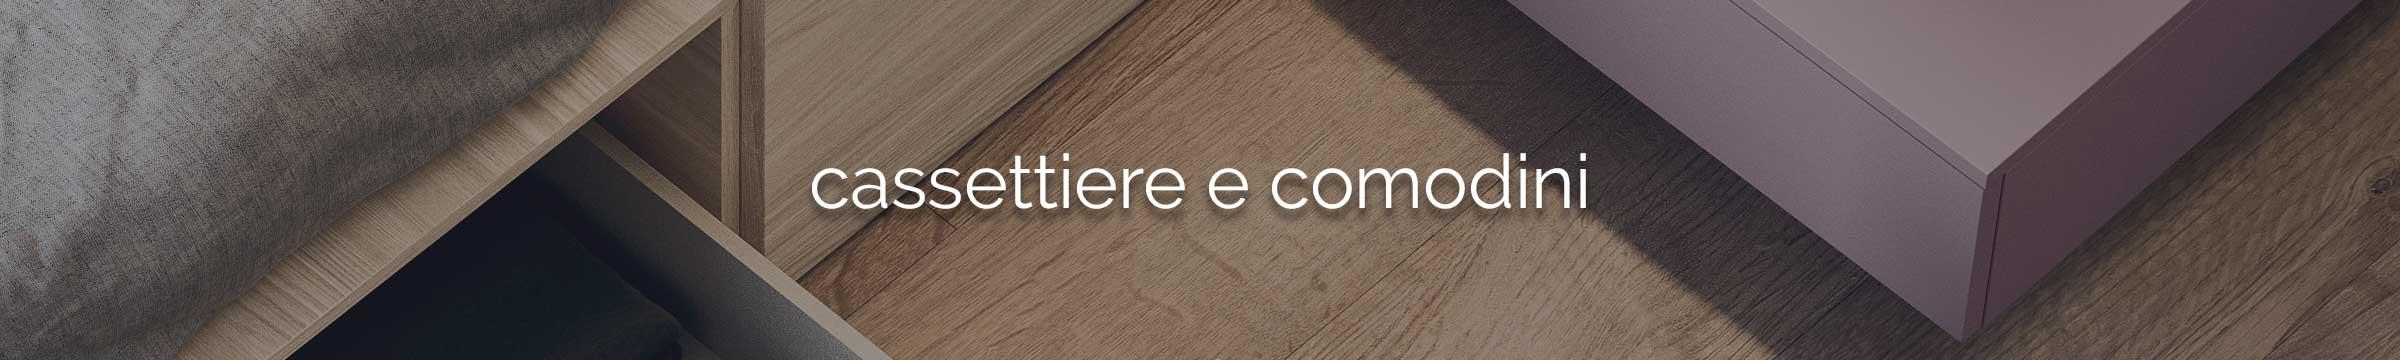 Cassettiere e Comodini